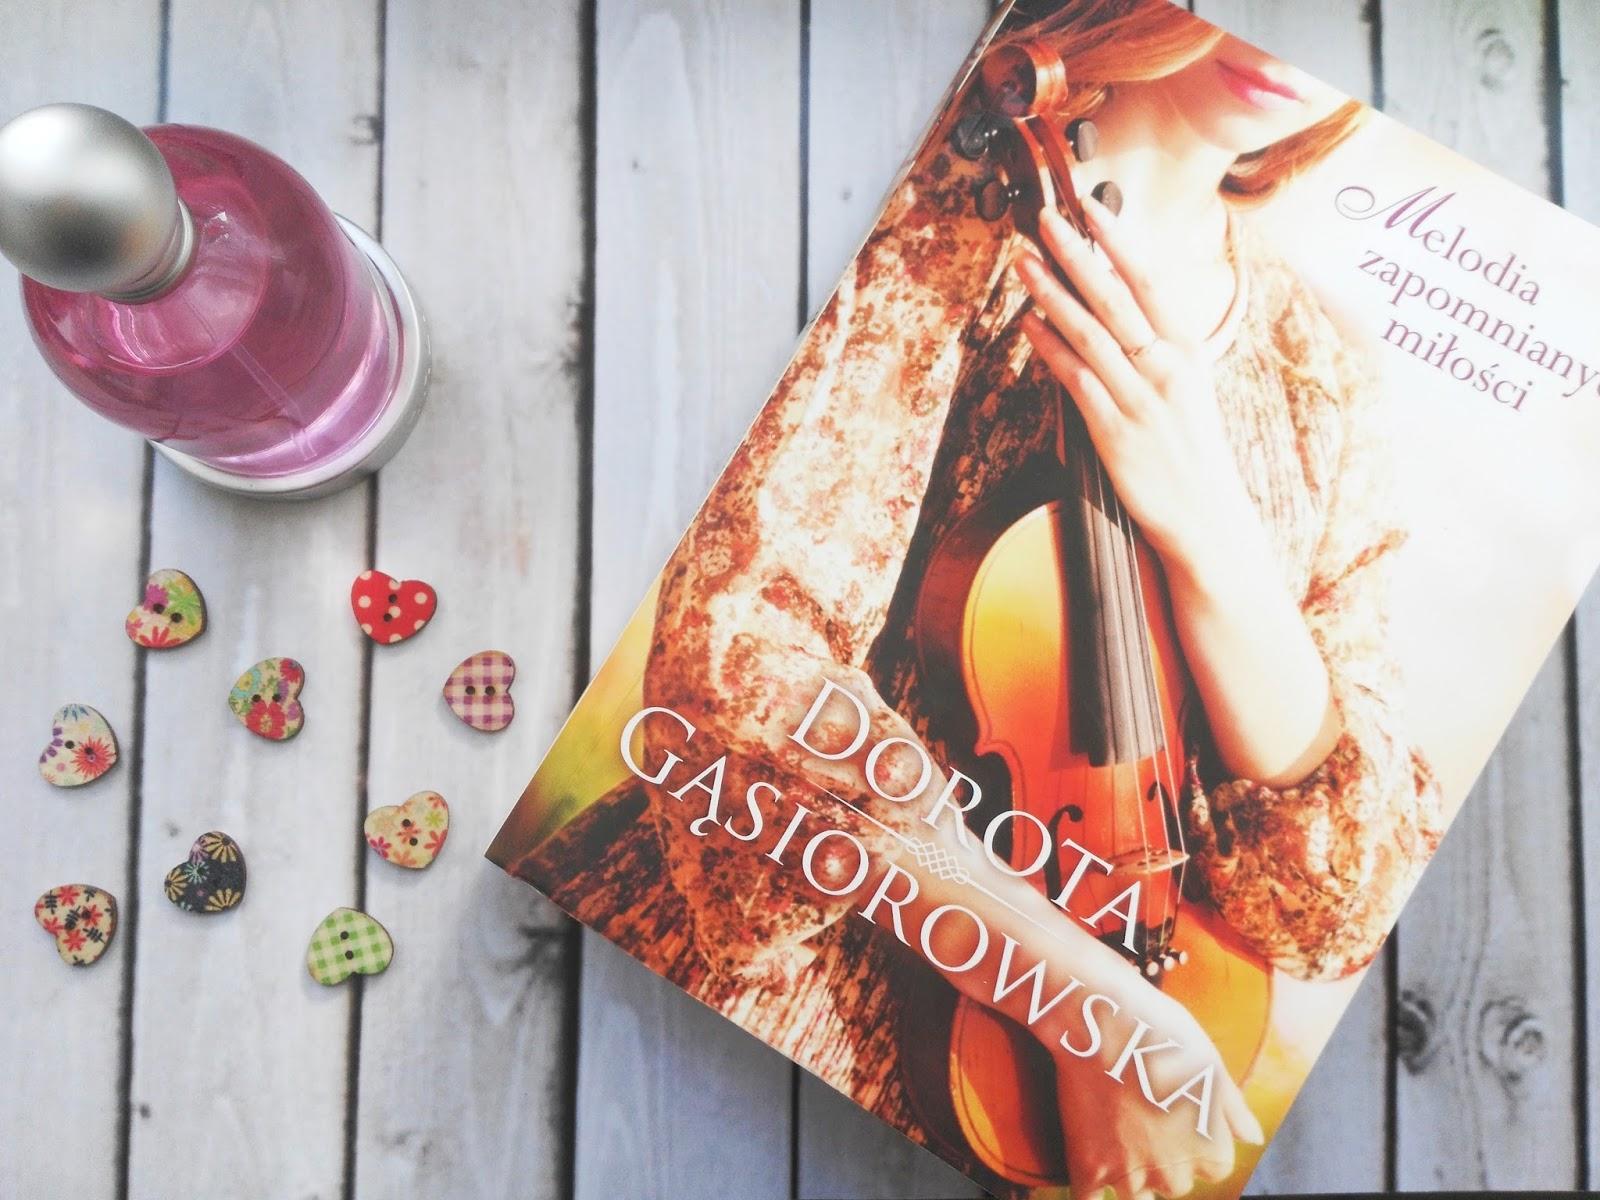 Melodia zapomnianych miłości Dorota Gąsiorowska -recenzja